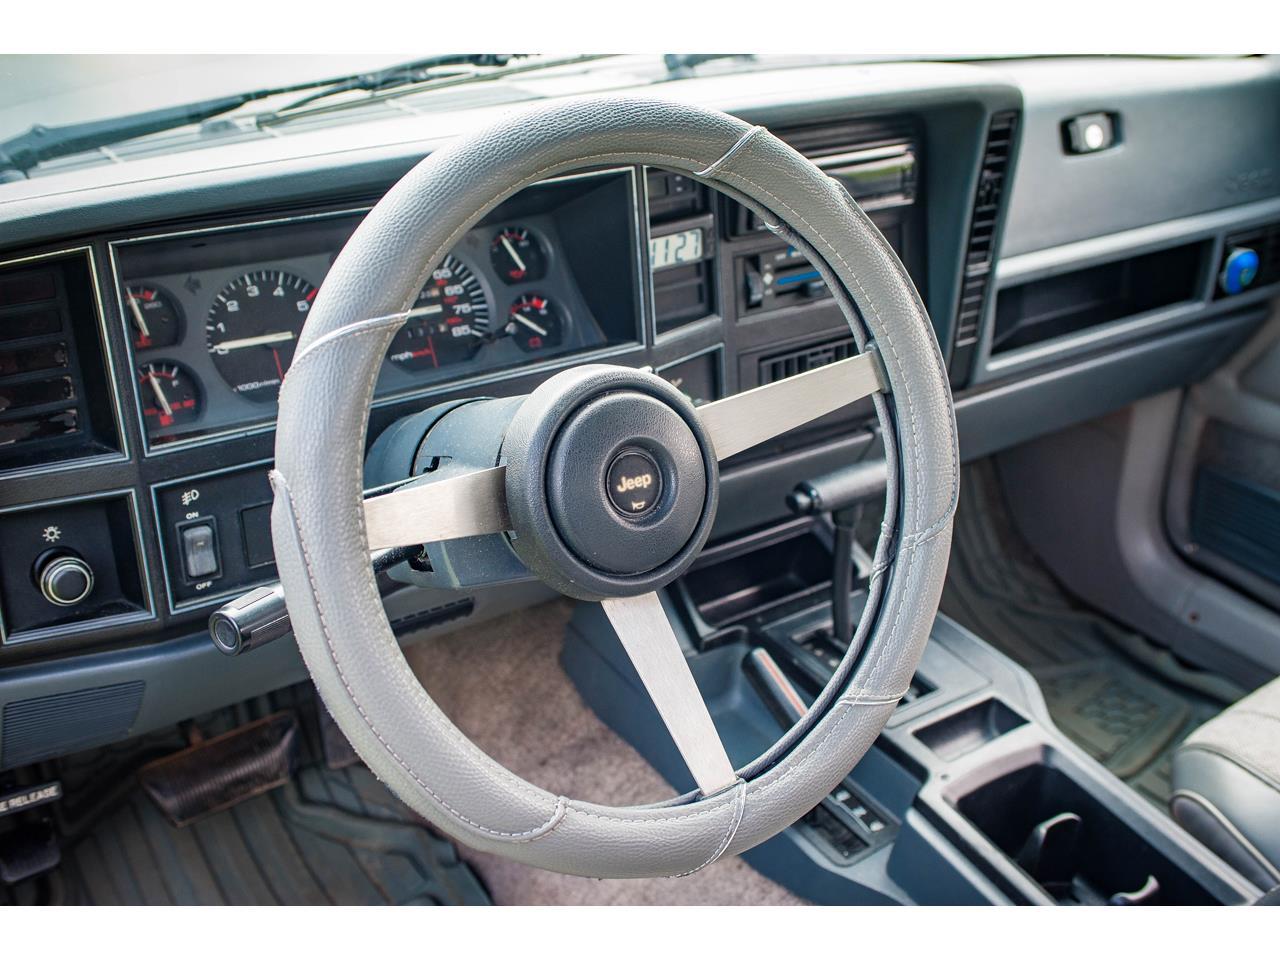 Large Picture of 1990 Jeep Comanche located in Illinois - $16,500.00 - QB8P